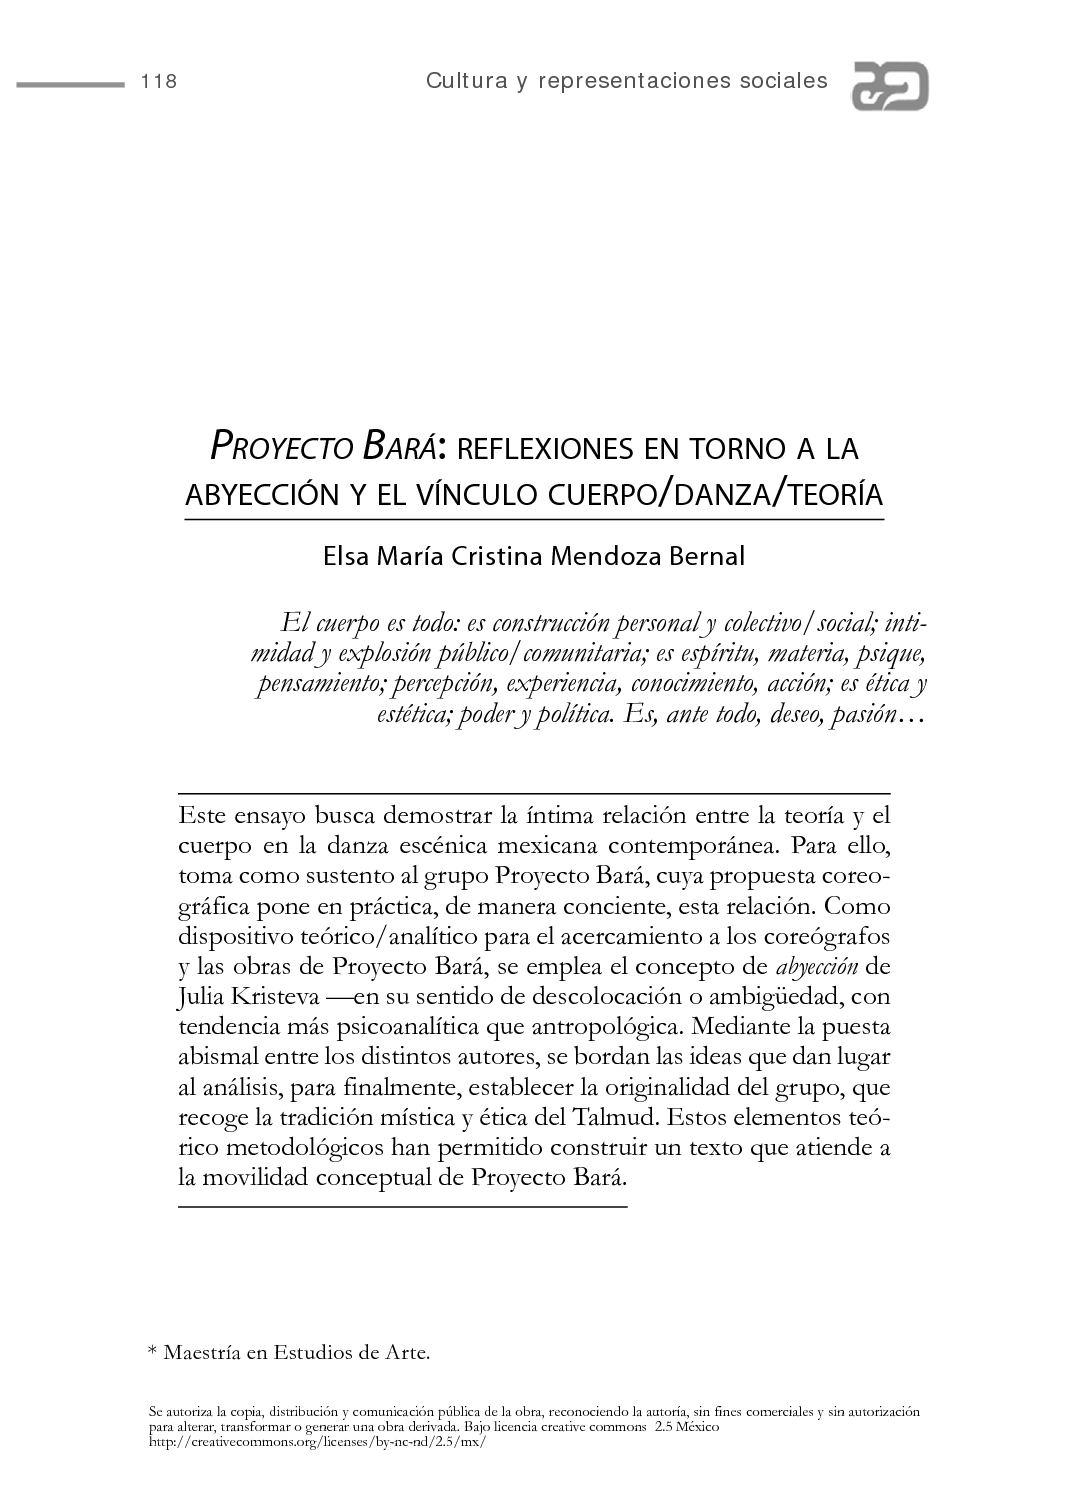 Calaméo - Proyecto Bará: reflexiones en torno a la abyección y el ...